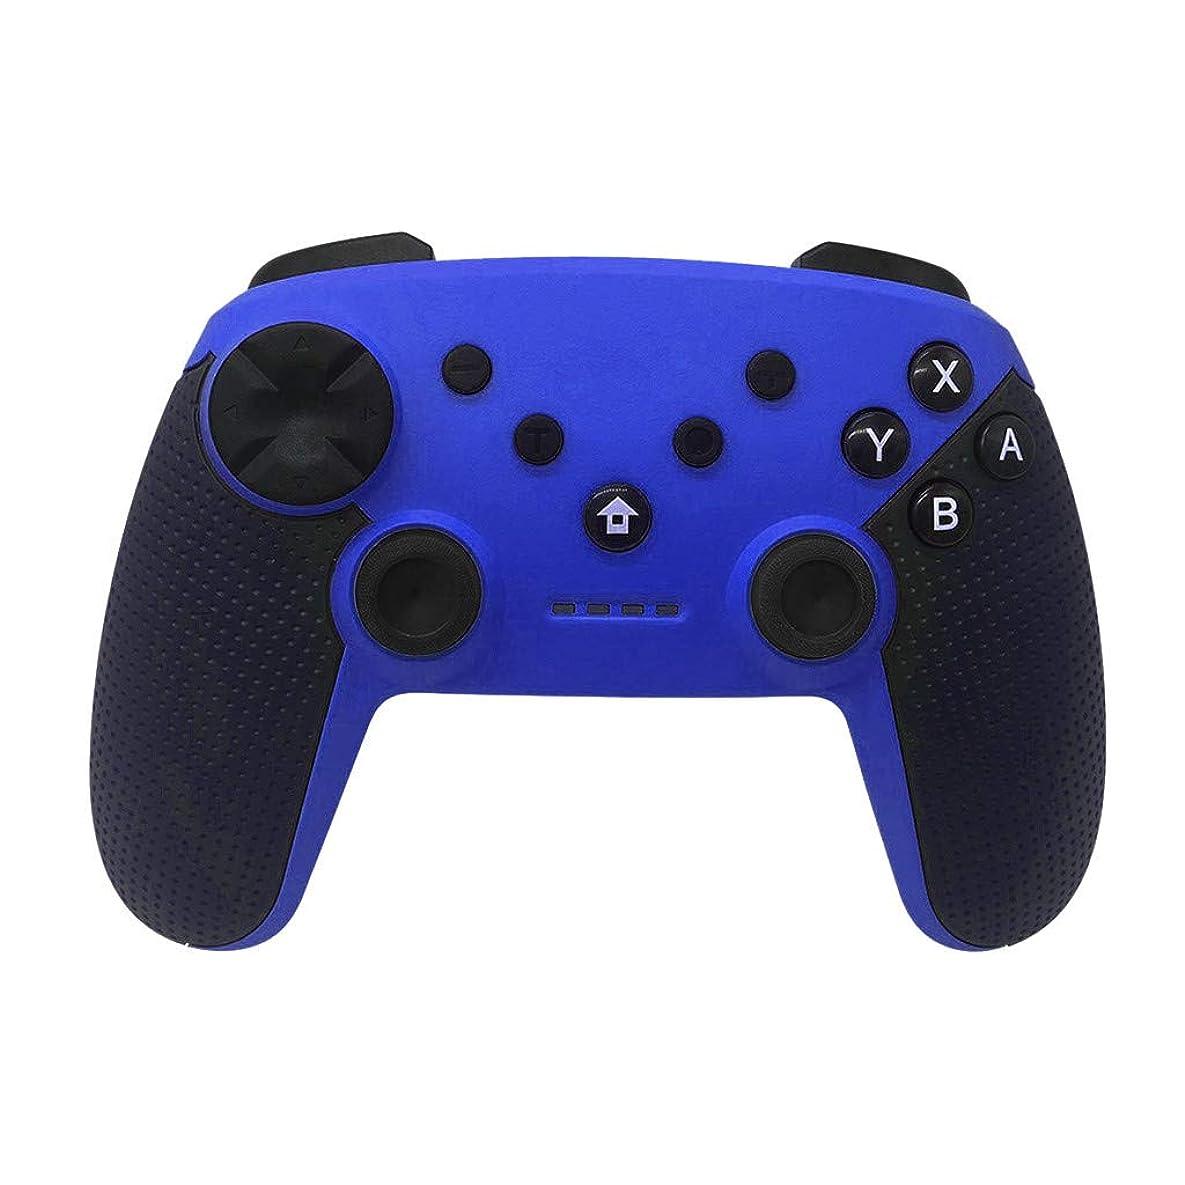 絶望ささいな空白ゲーム機用アクセサリーニンテンドー魔女ワイヤレススクリーン付きスクリーン振動6軸 無線Bluetoothのコントローラーは任天堂スイッチのためのゲームパッドのジョイスティックを扱います PS3 / Androidと互換性のあるサポートPC (ブルー)